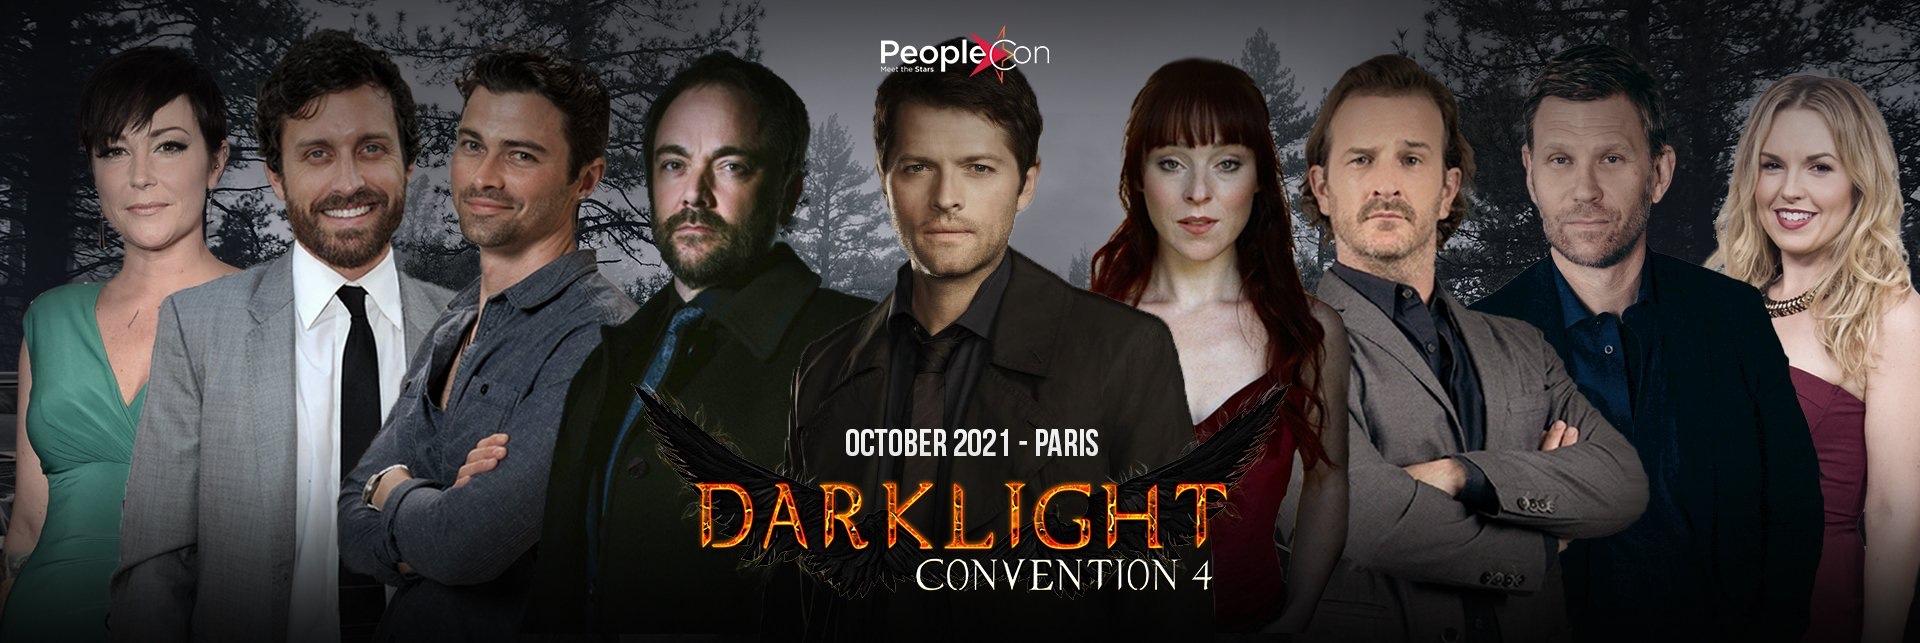 DarkLight Con 4